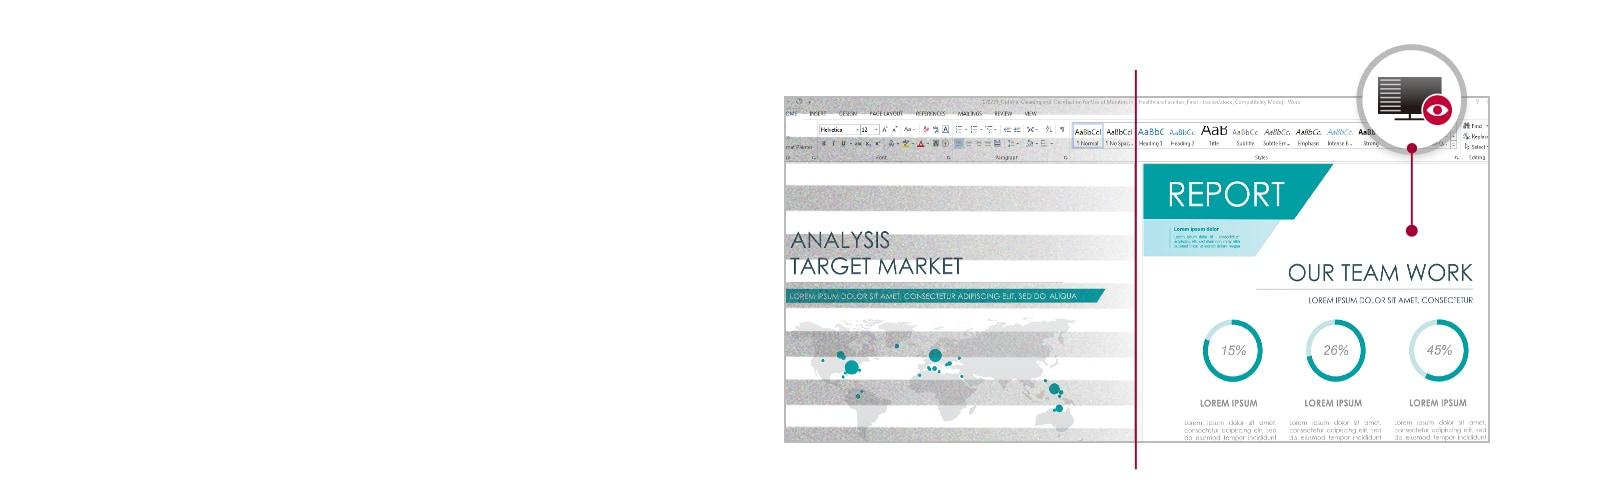 Se muestra un informe de trabajo en el monitor con reducción de destello en comparación con el modo convencional.